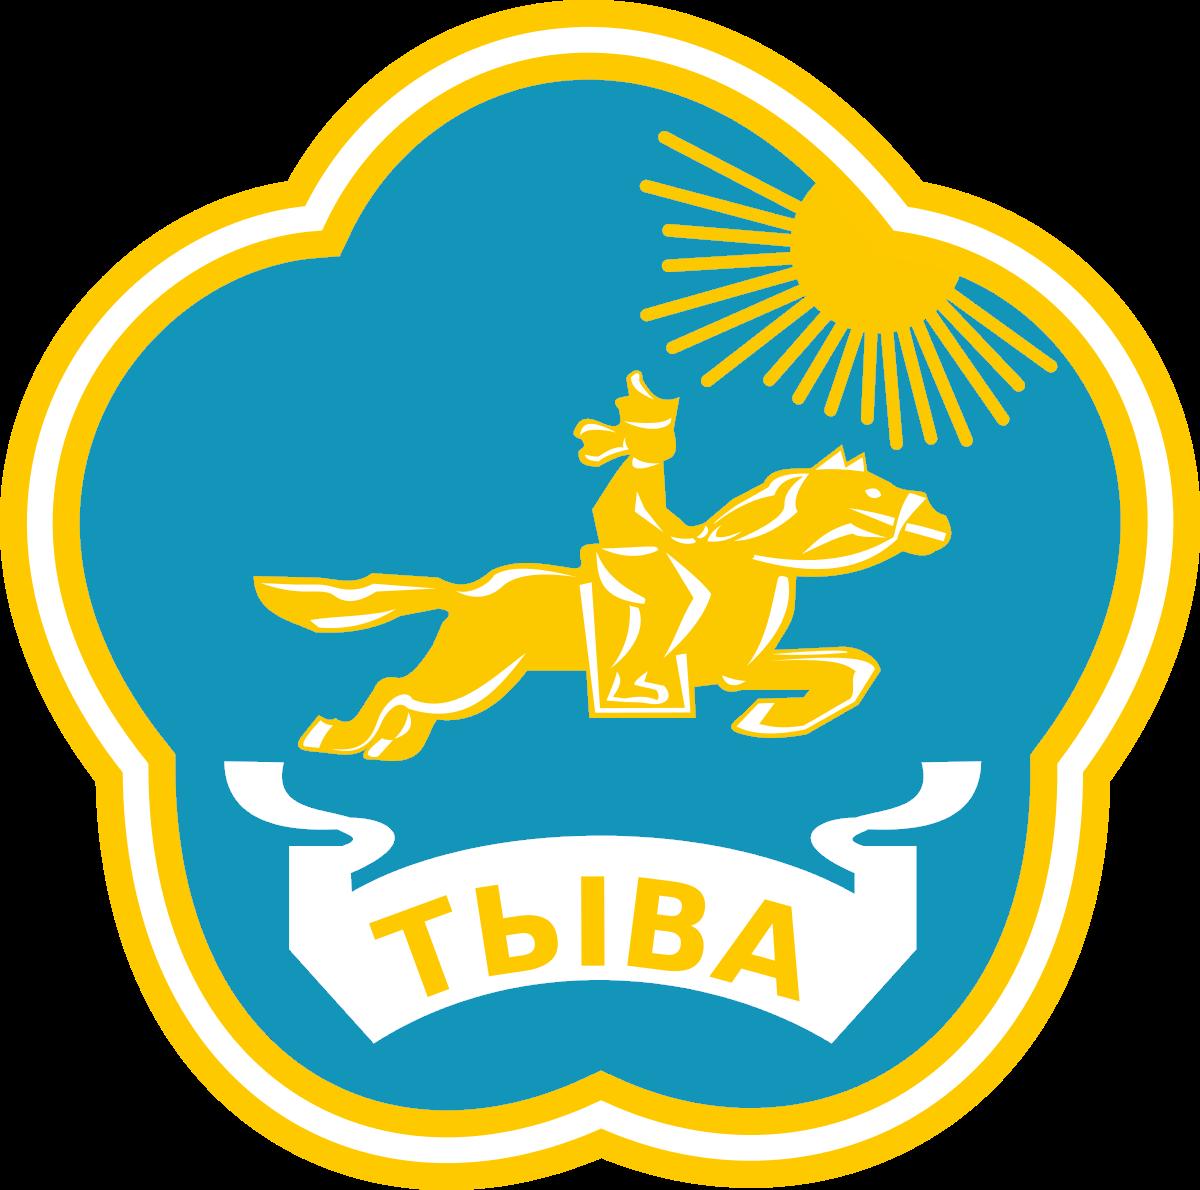 Официальный сайт государственной кадастровой оценки ГБУ Республики Тыва